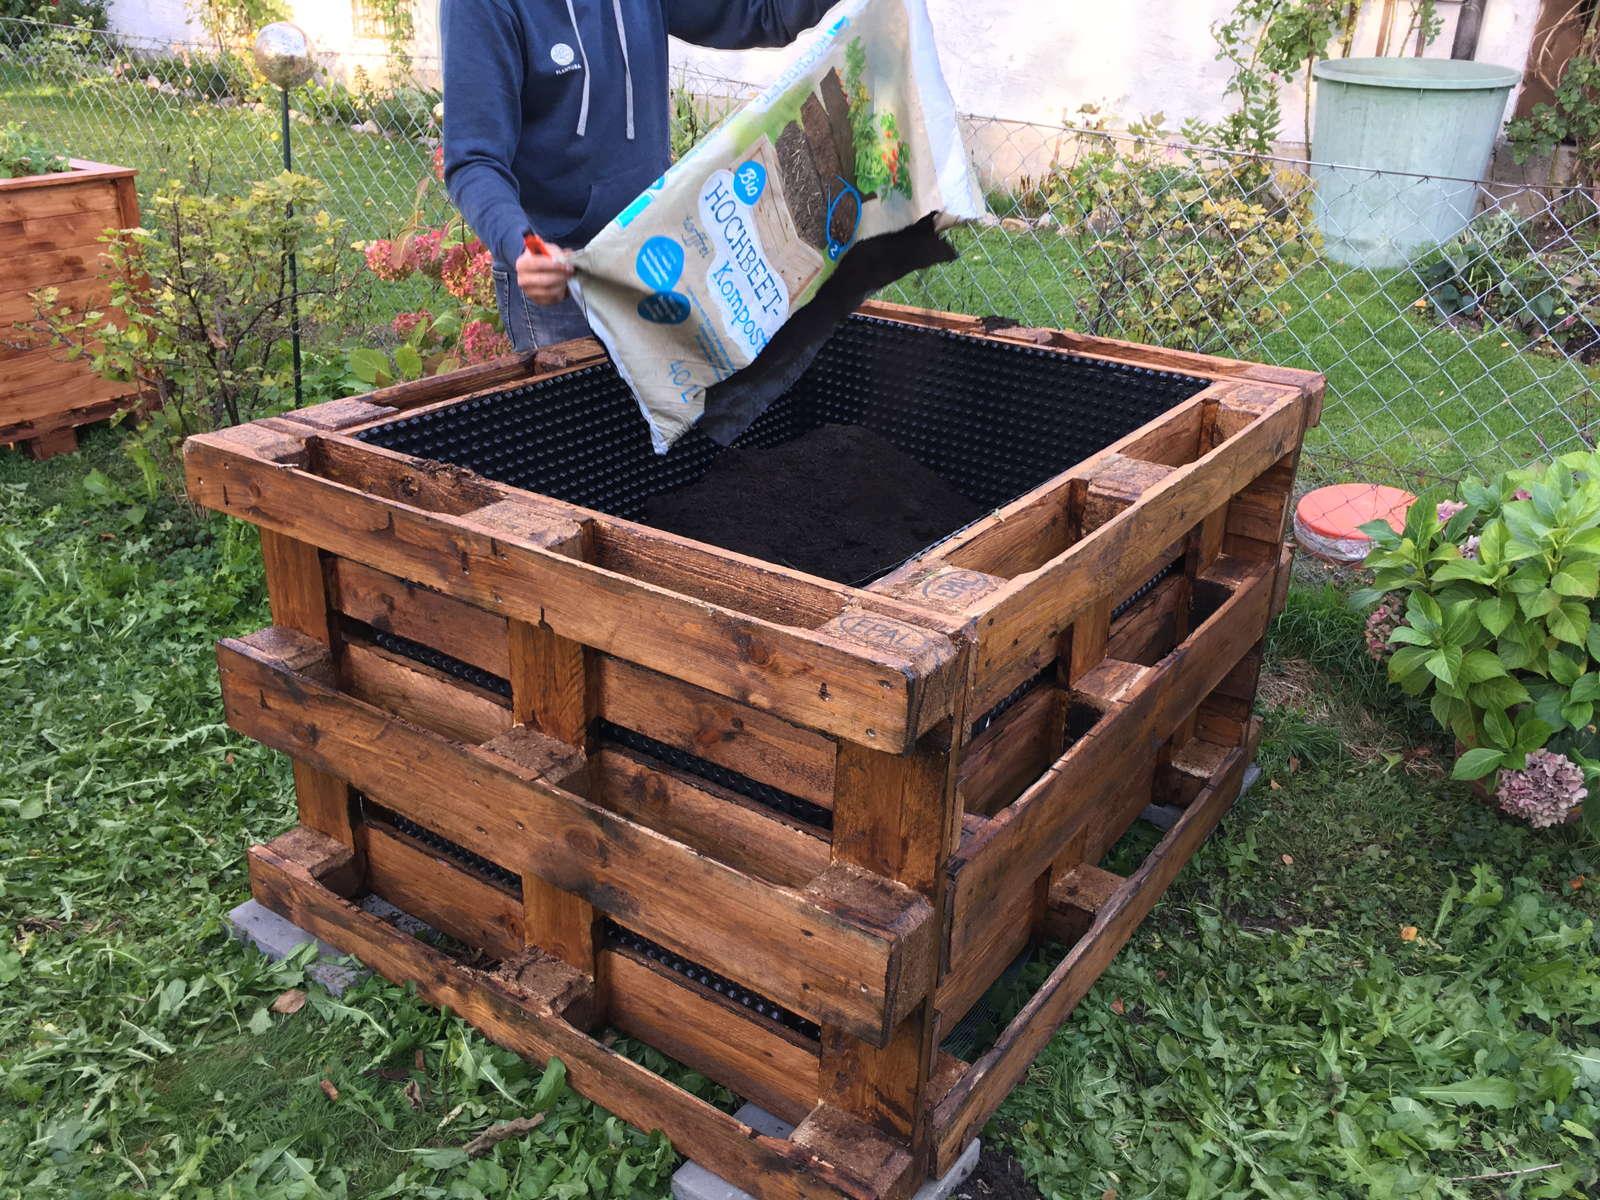 Beliebt Bevorzugt Hochbeet befüllen: Anleitung & Expertentipps - Plantura @LN_49